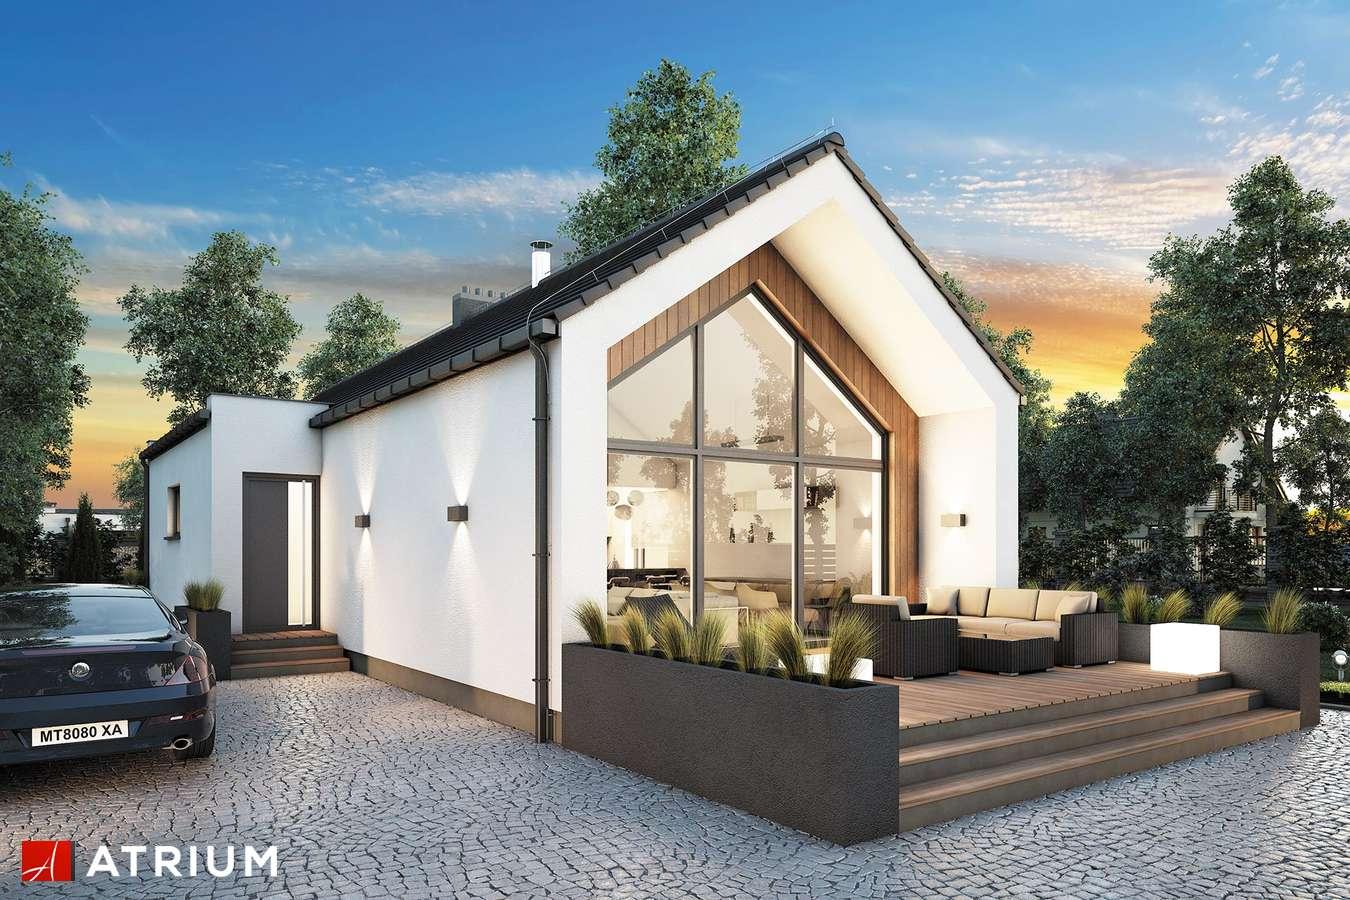 Projekty domów - Projekt domu parterowego NEPTUN III - wizualizacja 1 - wersja lustrzana